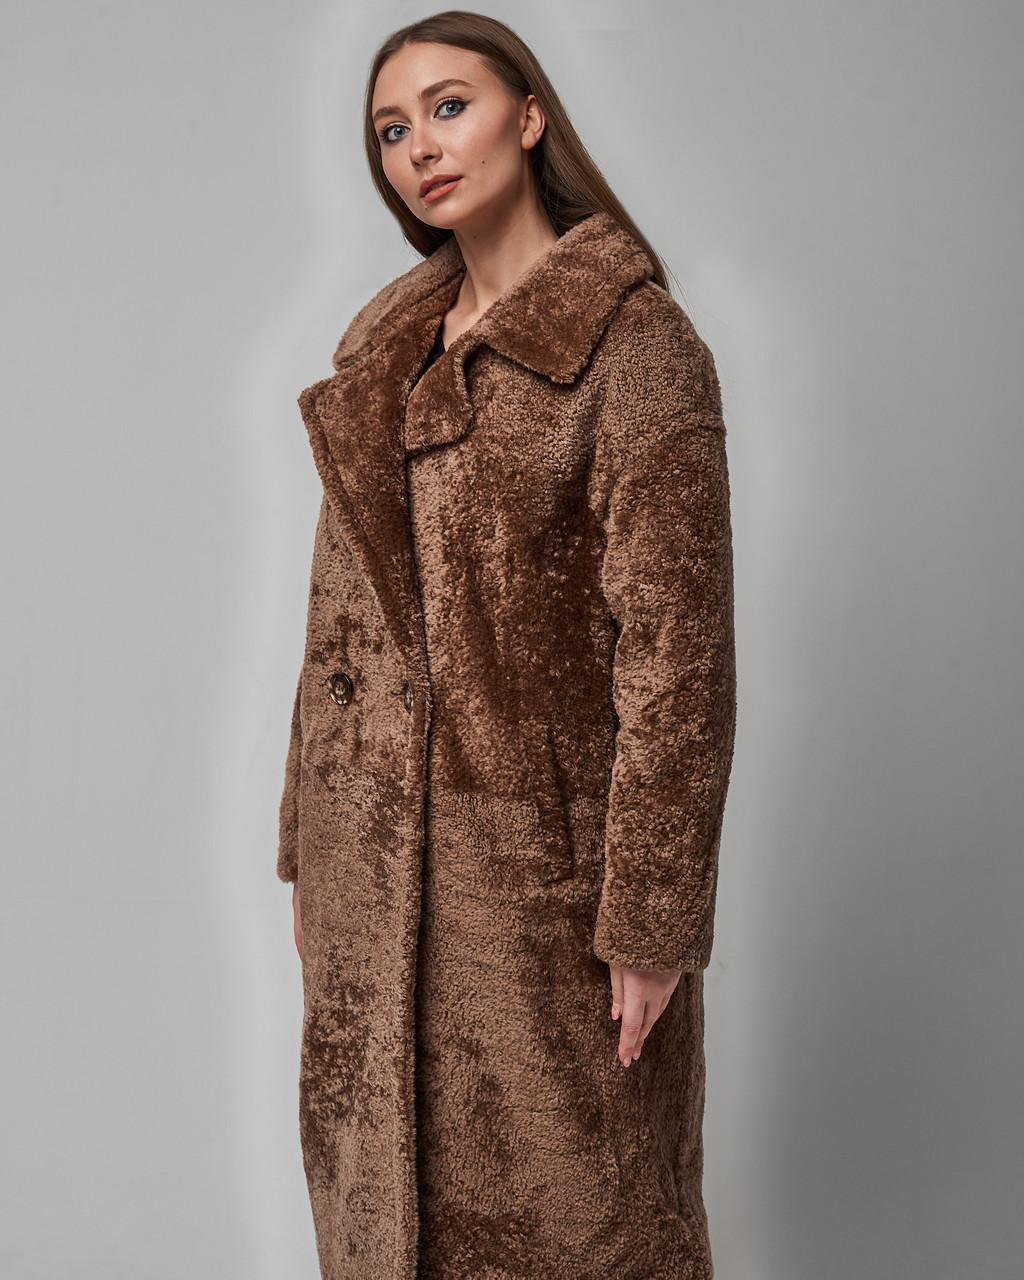 Дубленка женская из натуральной овчины (астраган) коричневая. Турция